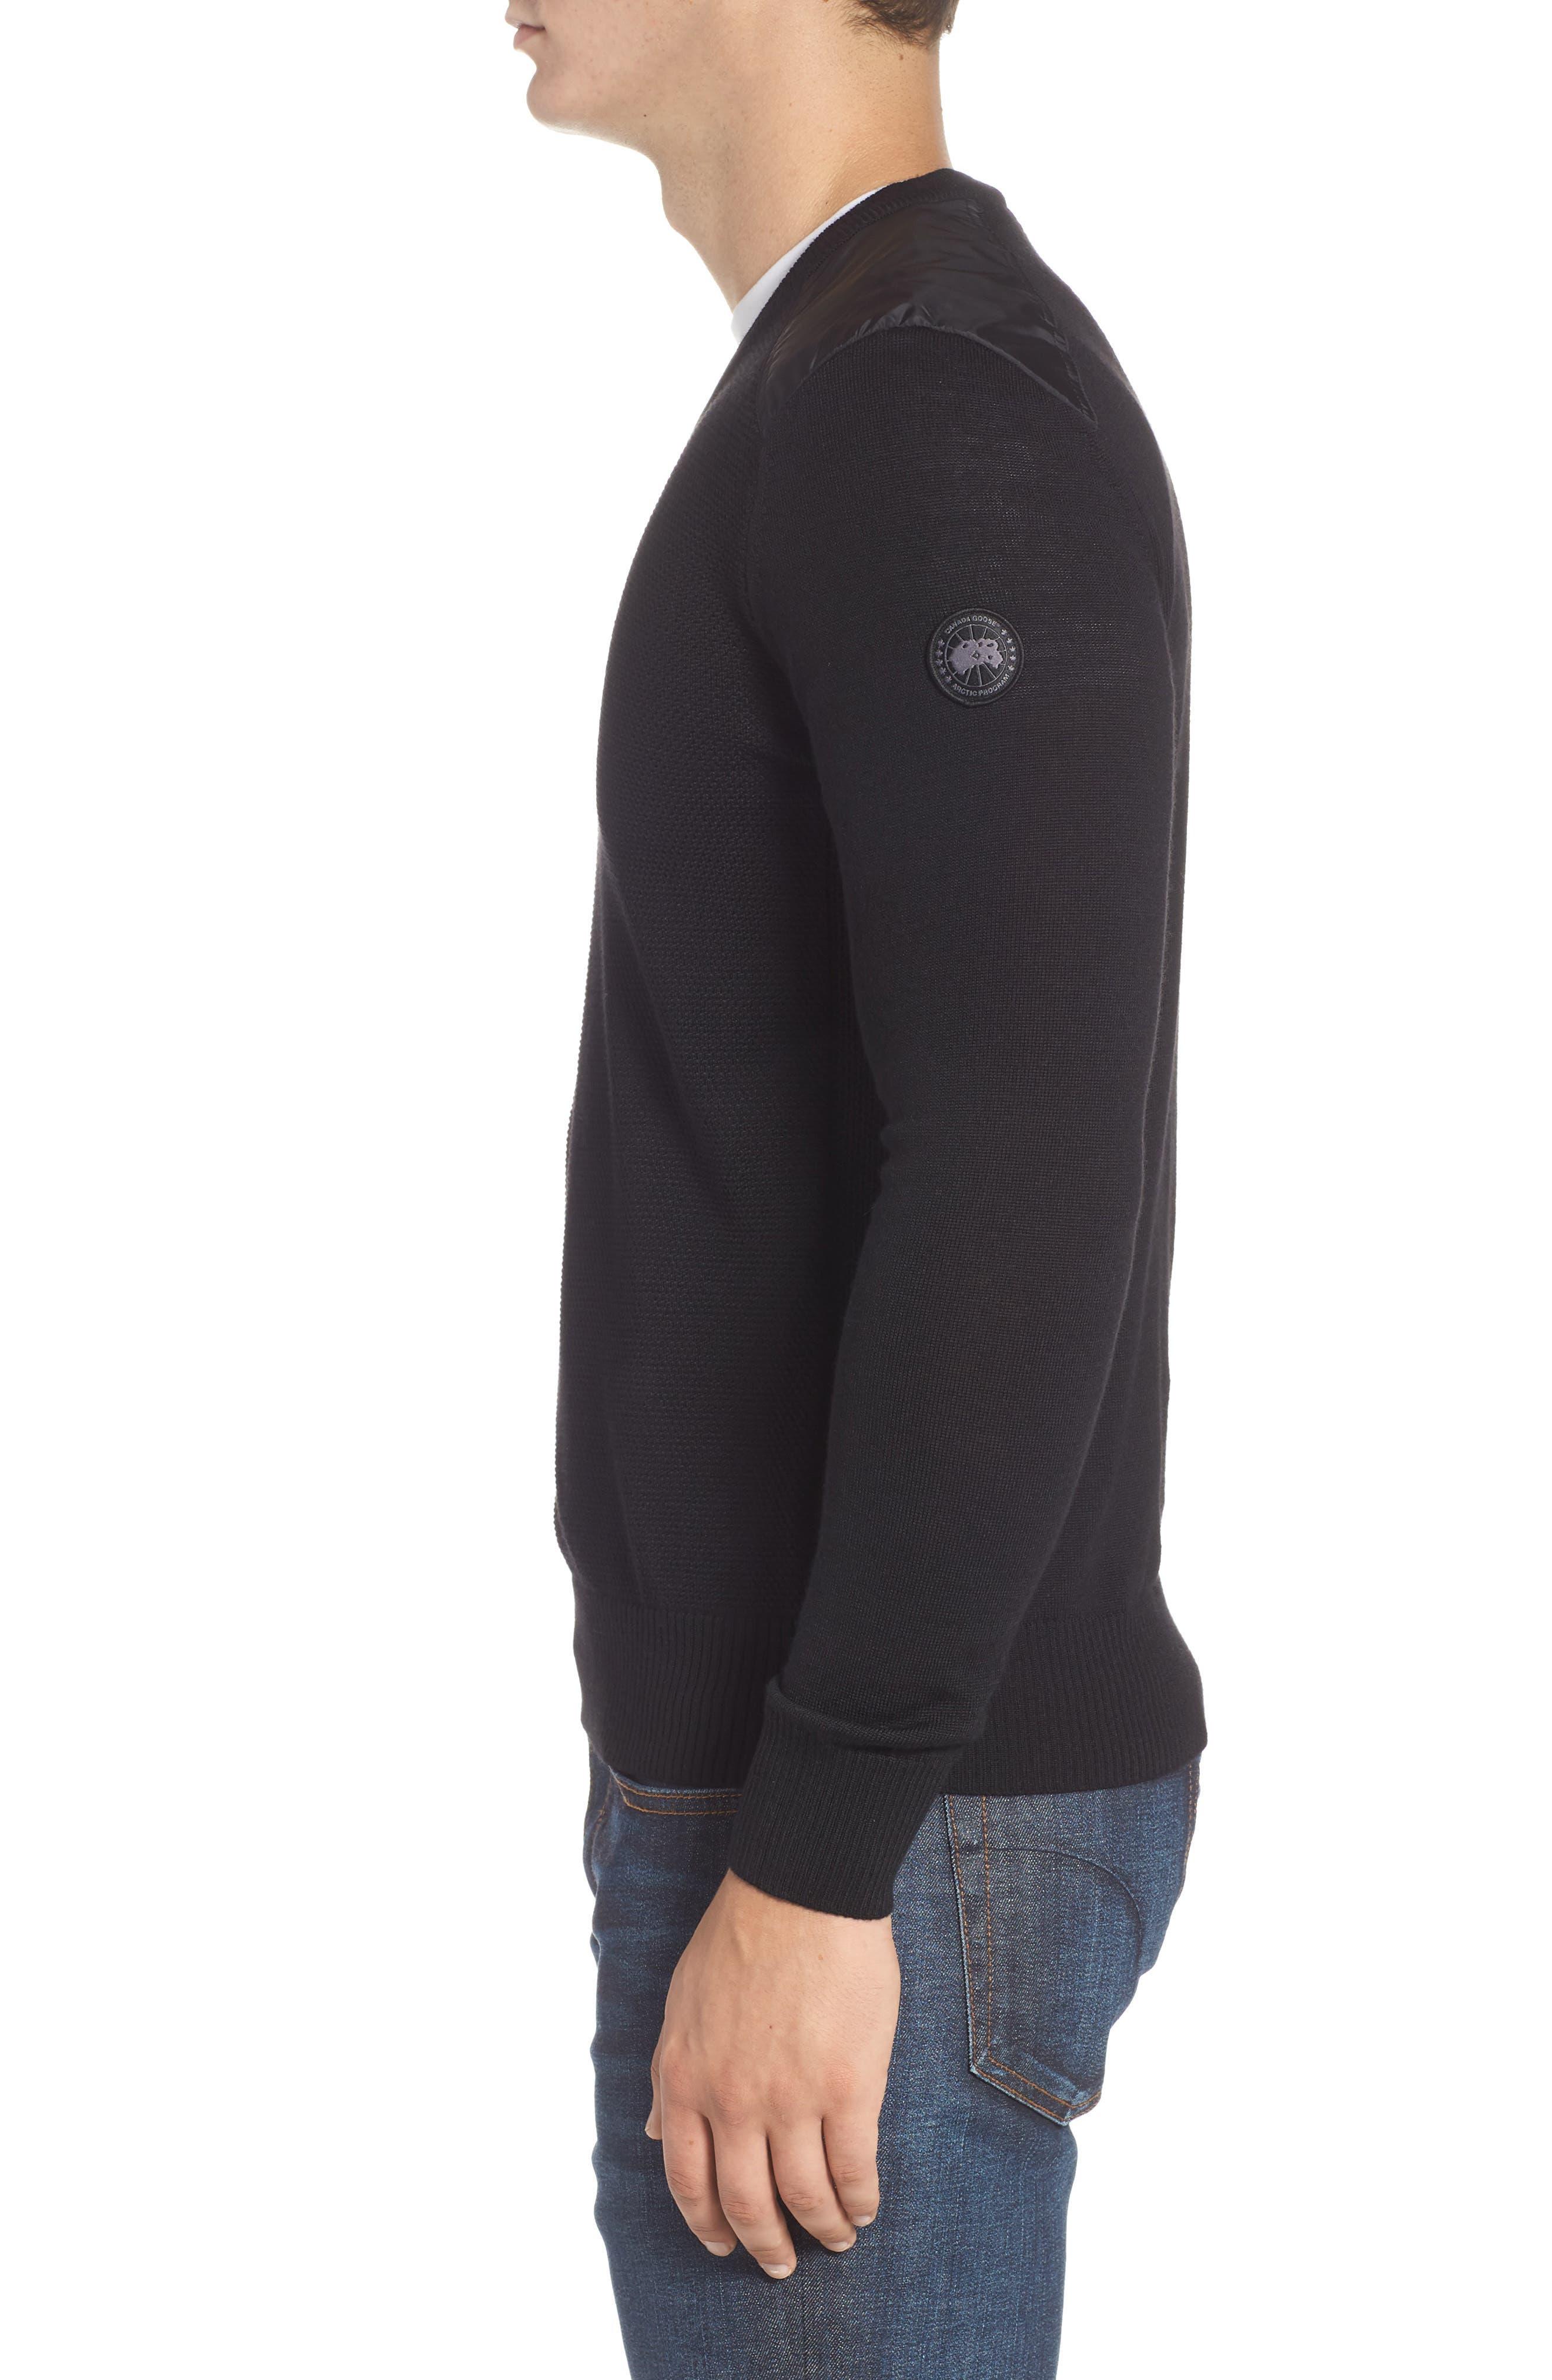 McLeod V-Neck Regular Fit Merino Wool Sweater,                             Alternate thumbnail 3, color,                             BLACK